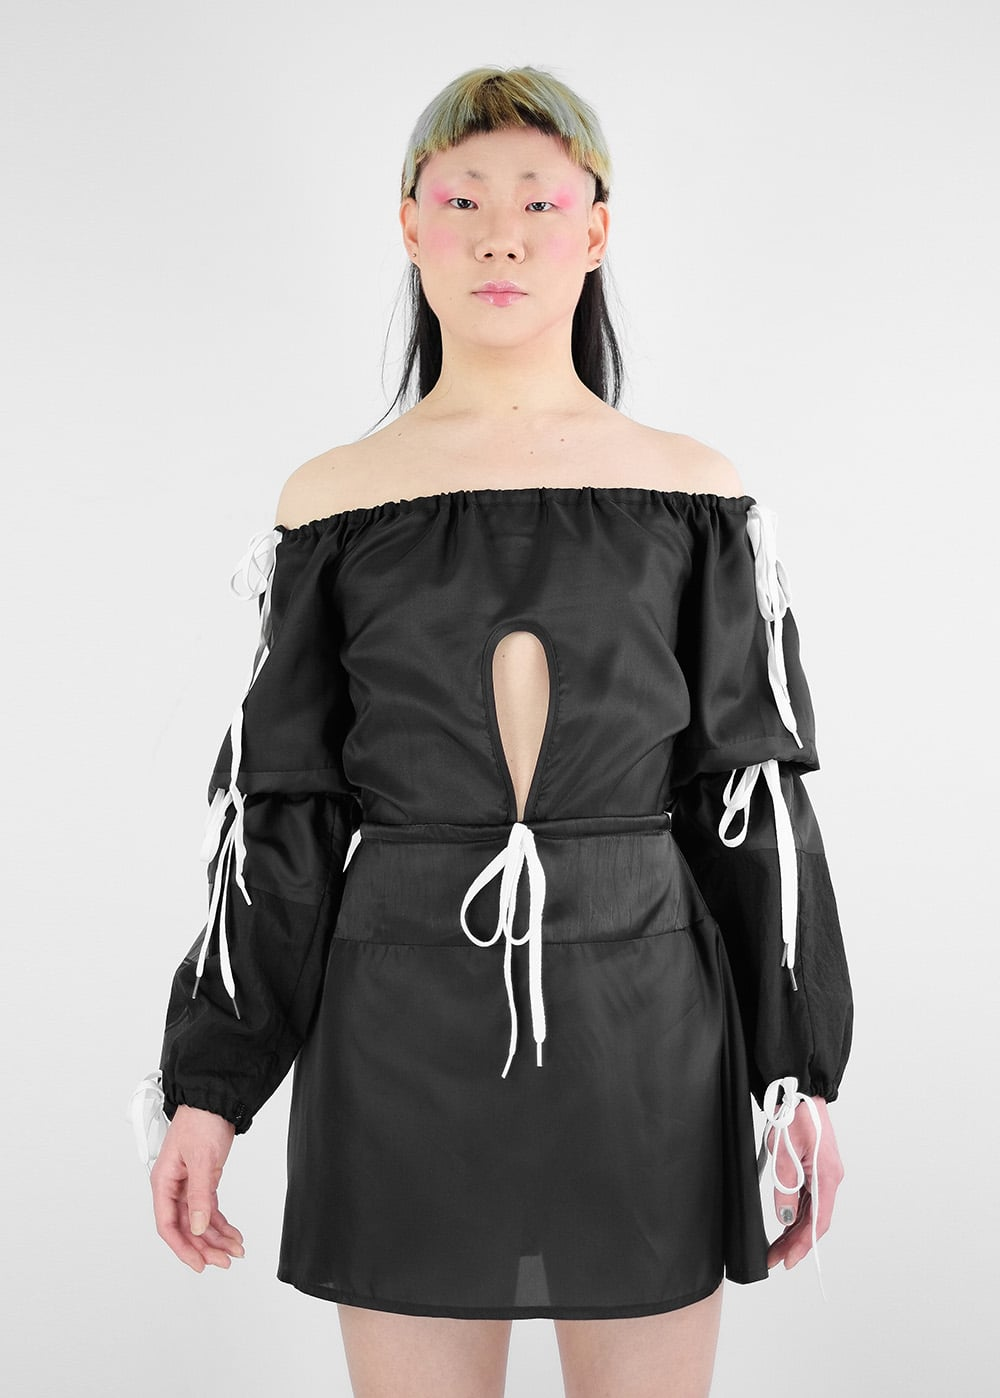 Underskirt Dress 111